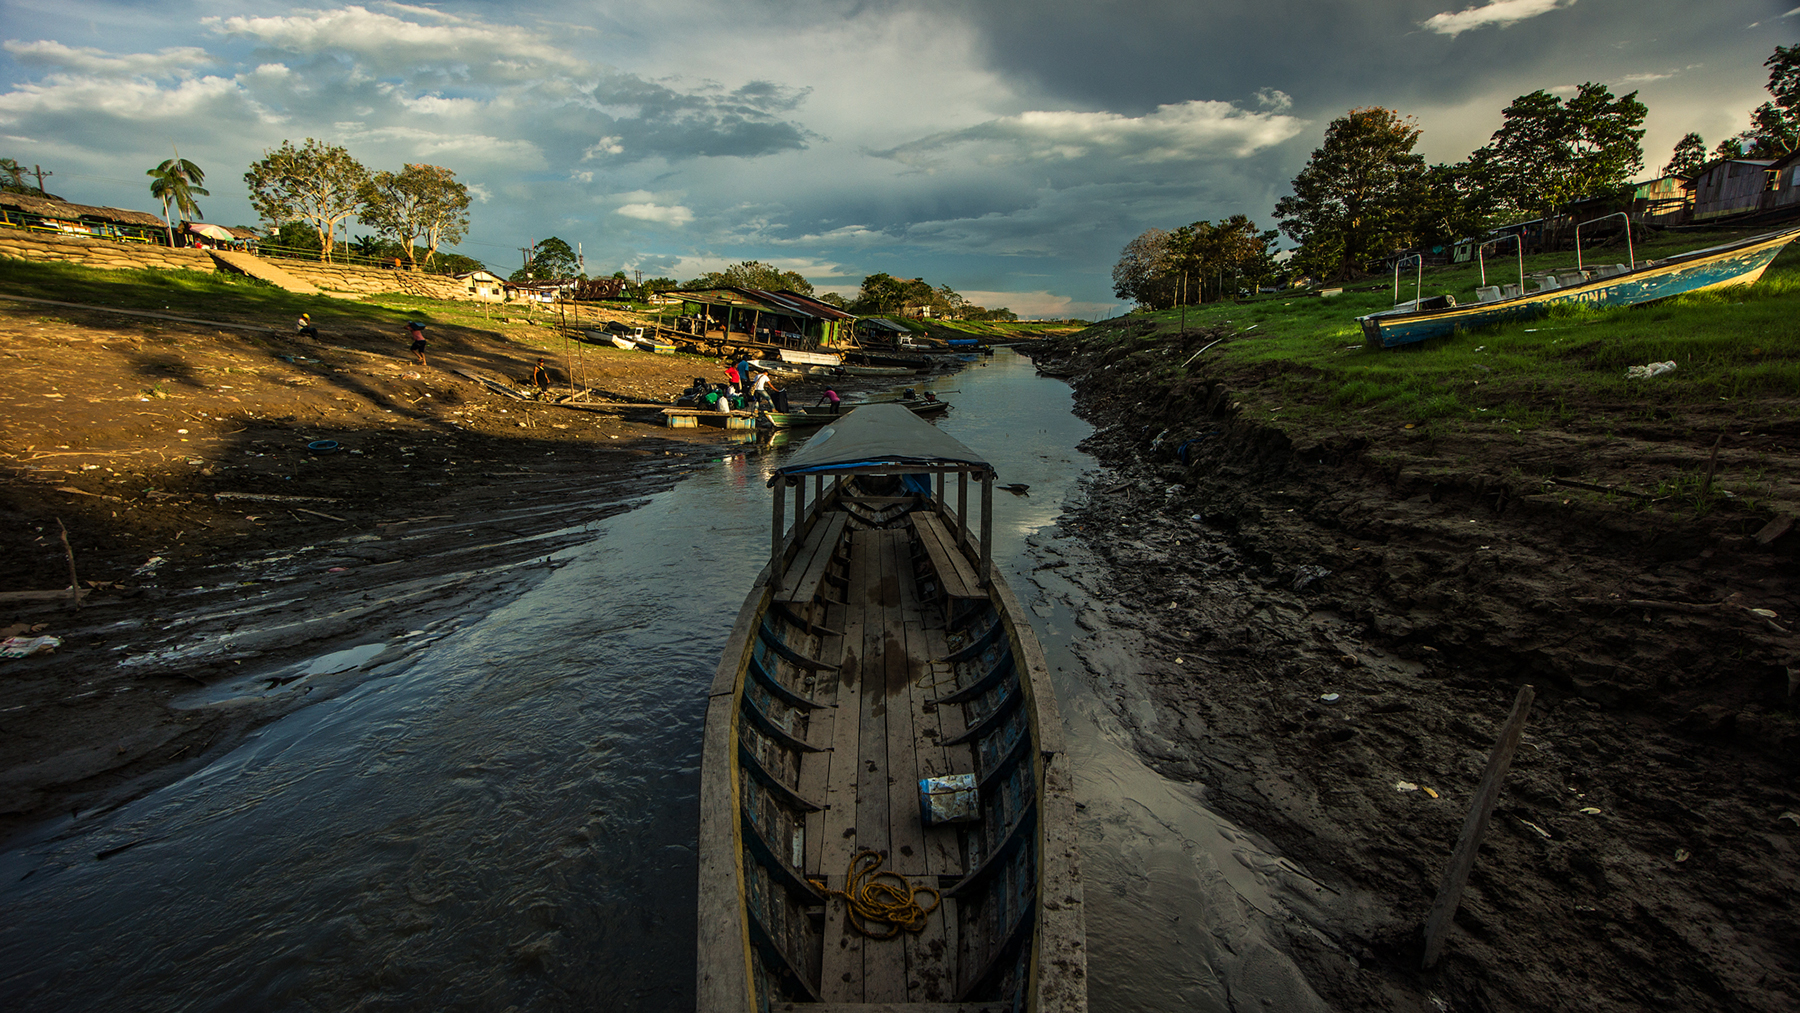 Colombia, Amazzonia, Leticia